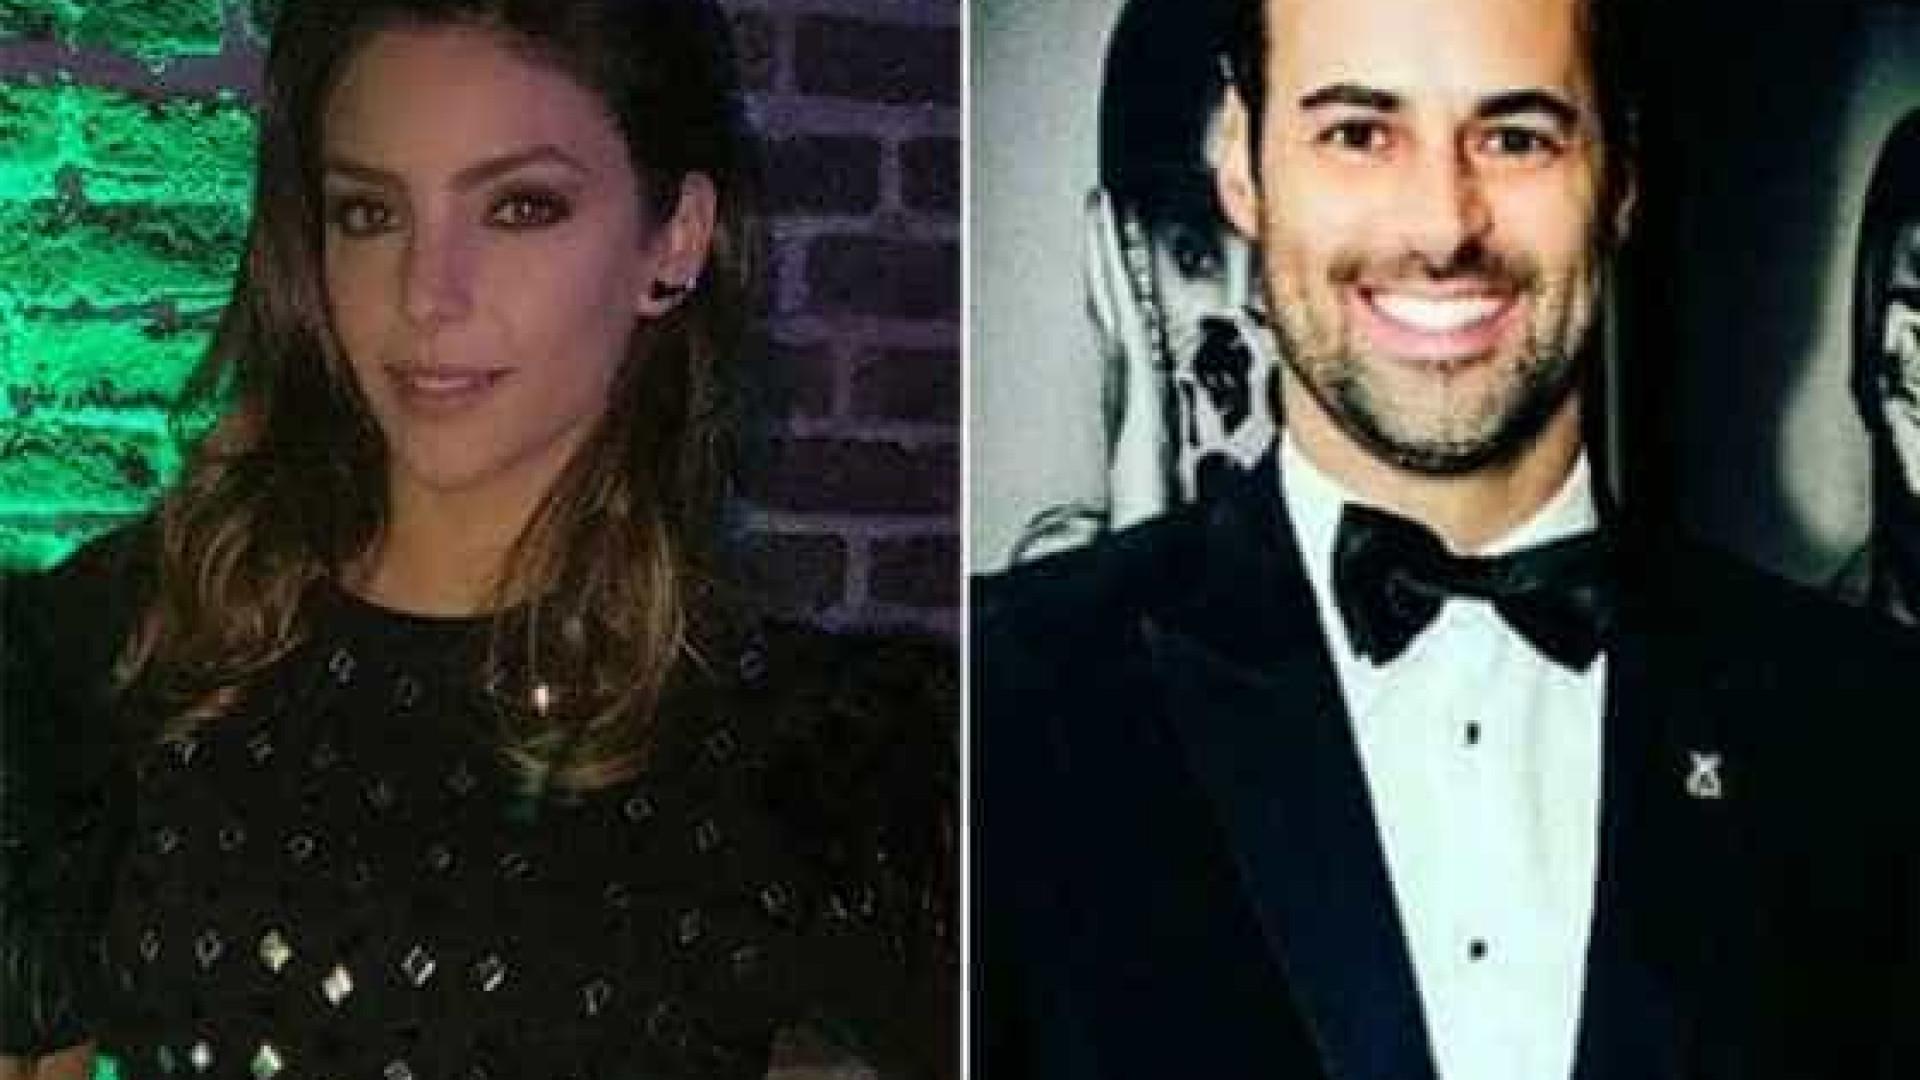 Ex de Kaká confirma romance com sobrinho de Chiquinho Scarpa